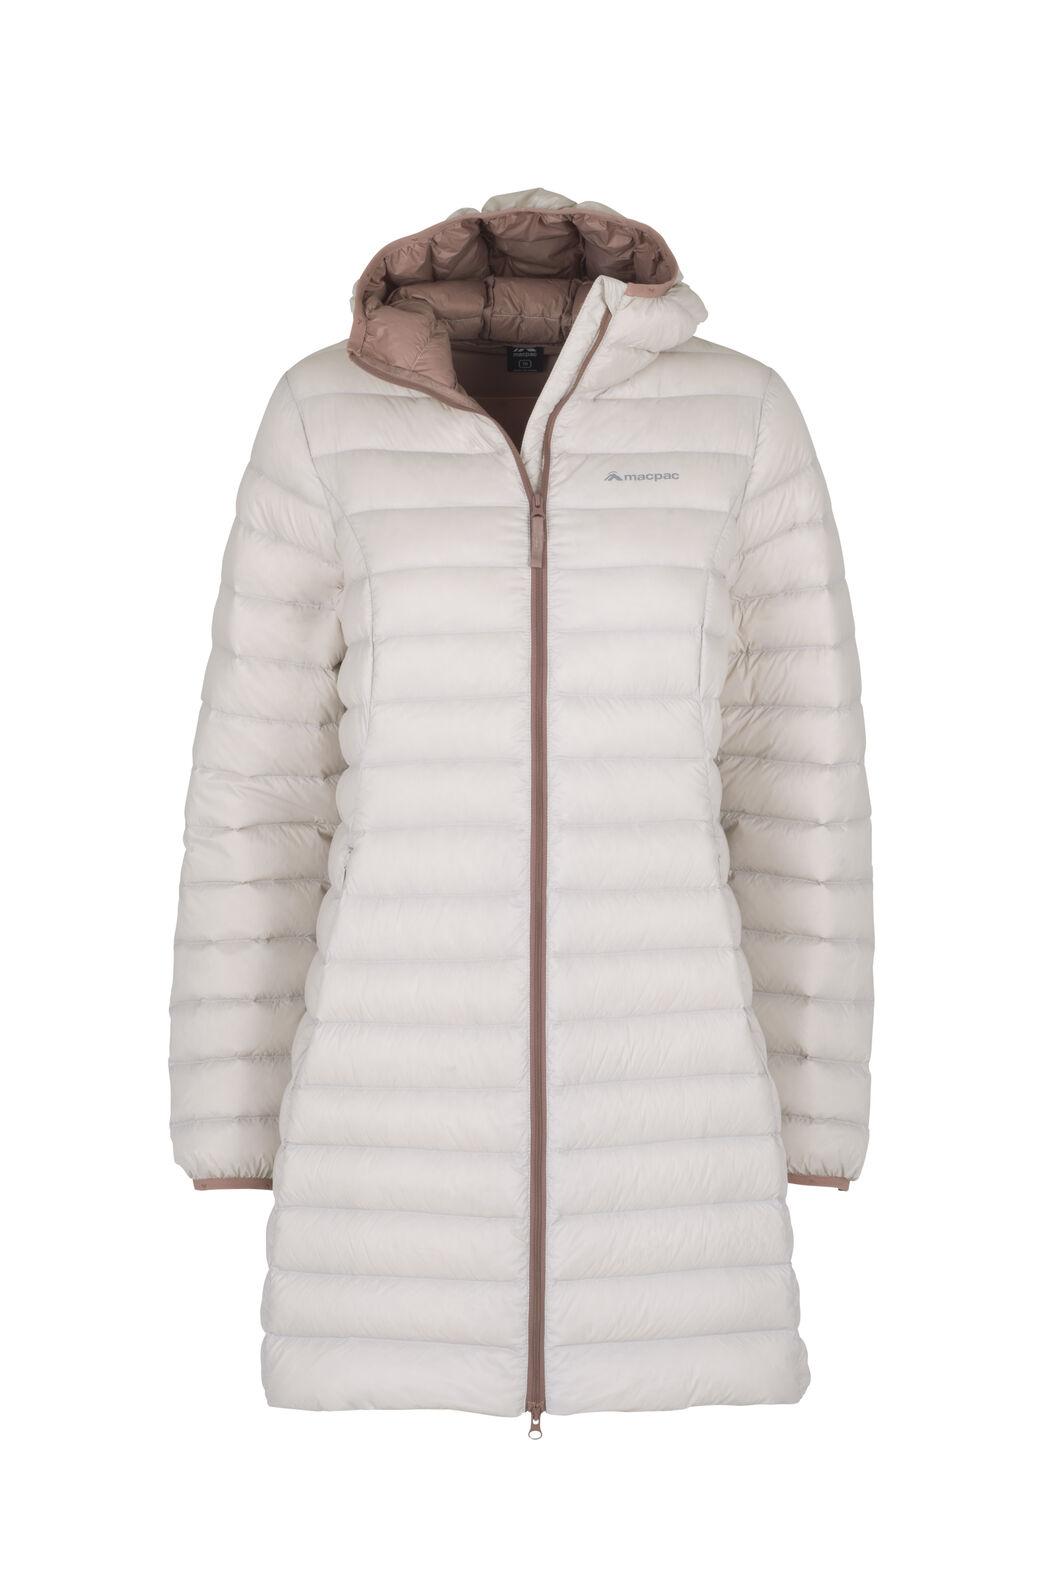 Macpac Uber Light Down Coat - Women's, Grey Morn/Burlwood, hi-res